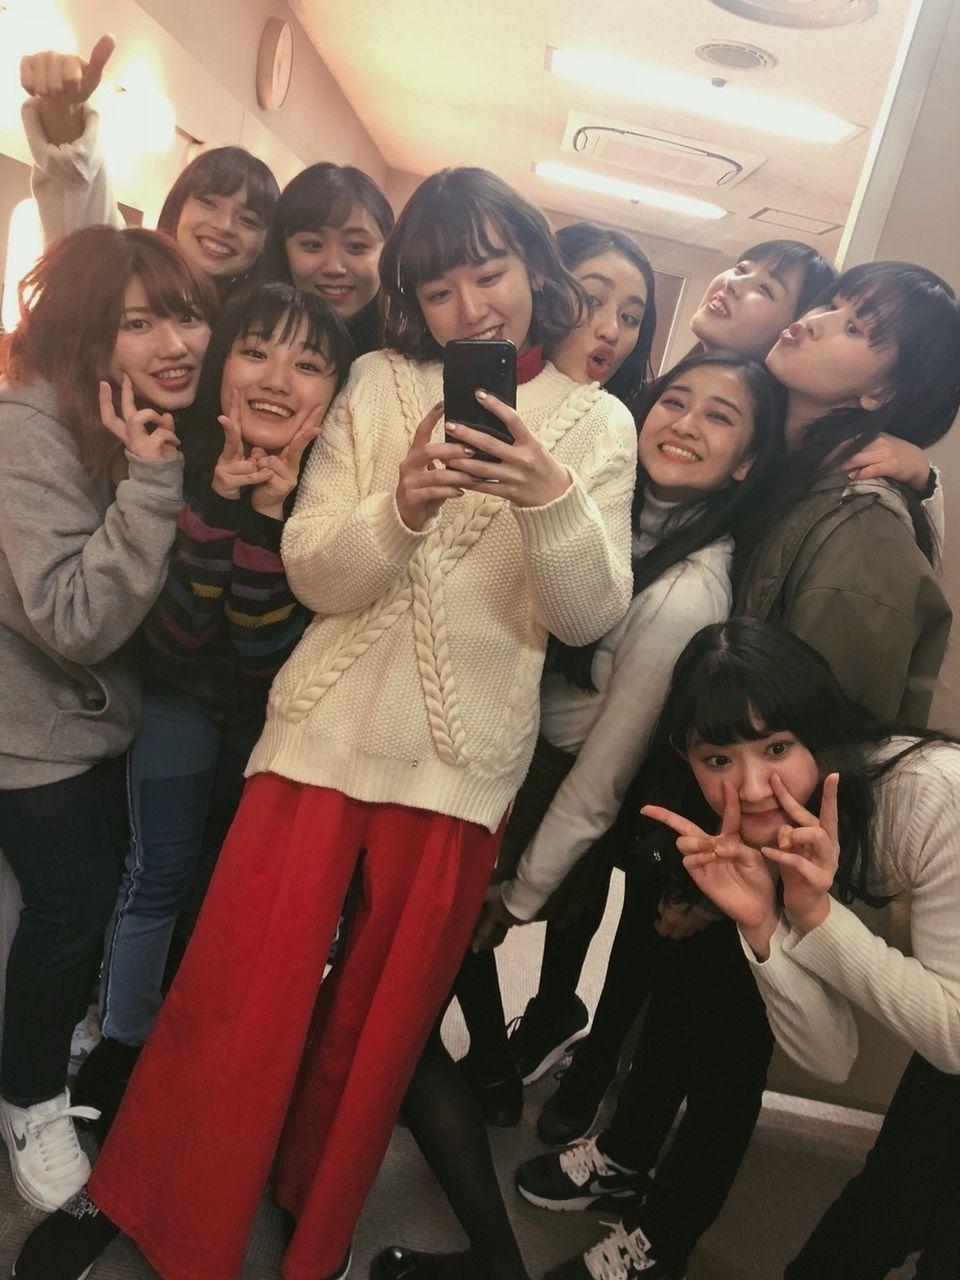 【エンタメ画像】多幸感溢れまくりなアンジュルムの全員集合画像来たぞ!!!!!!!!!!!!!!!!!!